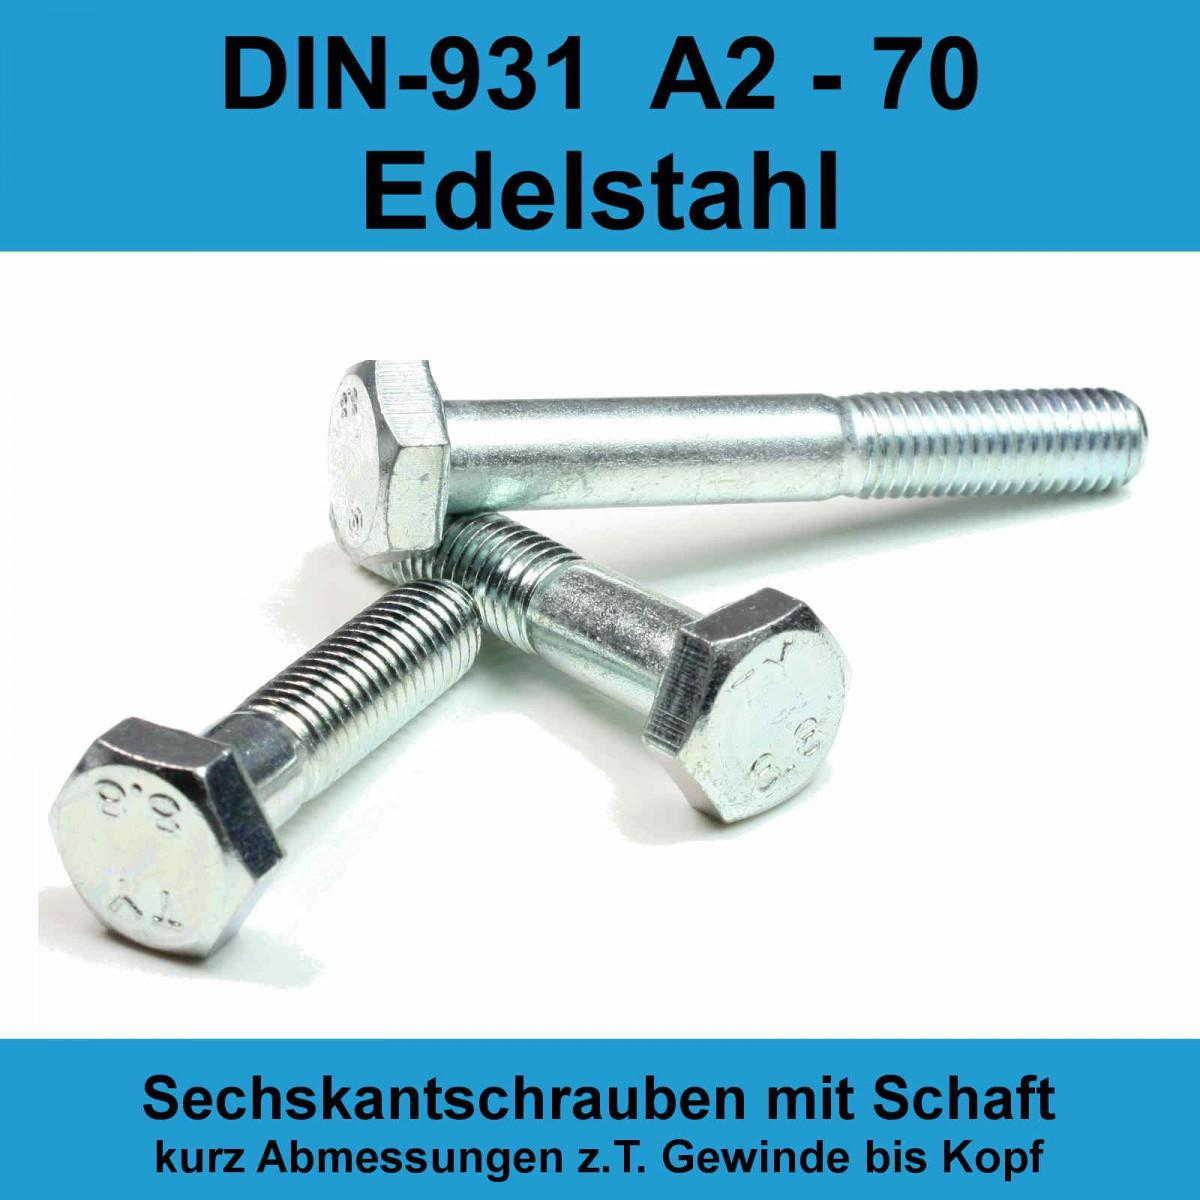 5 Muttern Edelstahl 5 Schrauben DIN 931 M10 x 80 mm  ISO 4014 Rostfreier Stahl